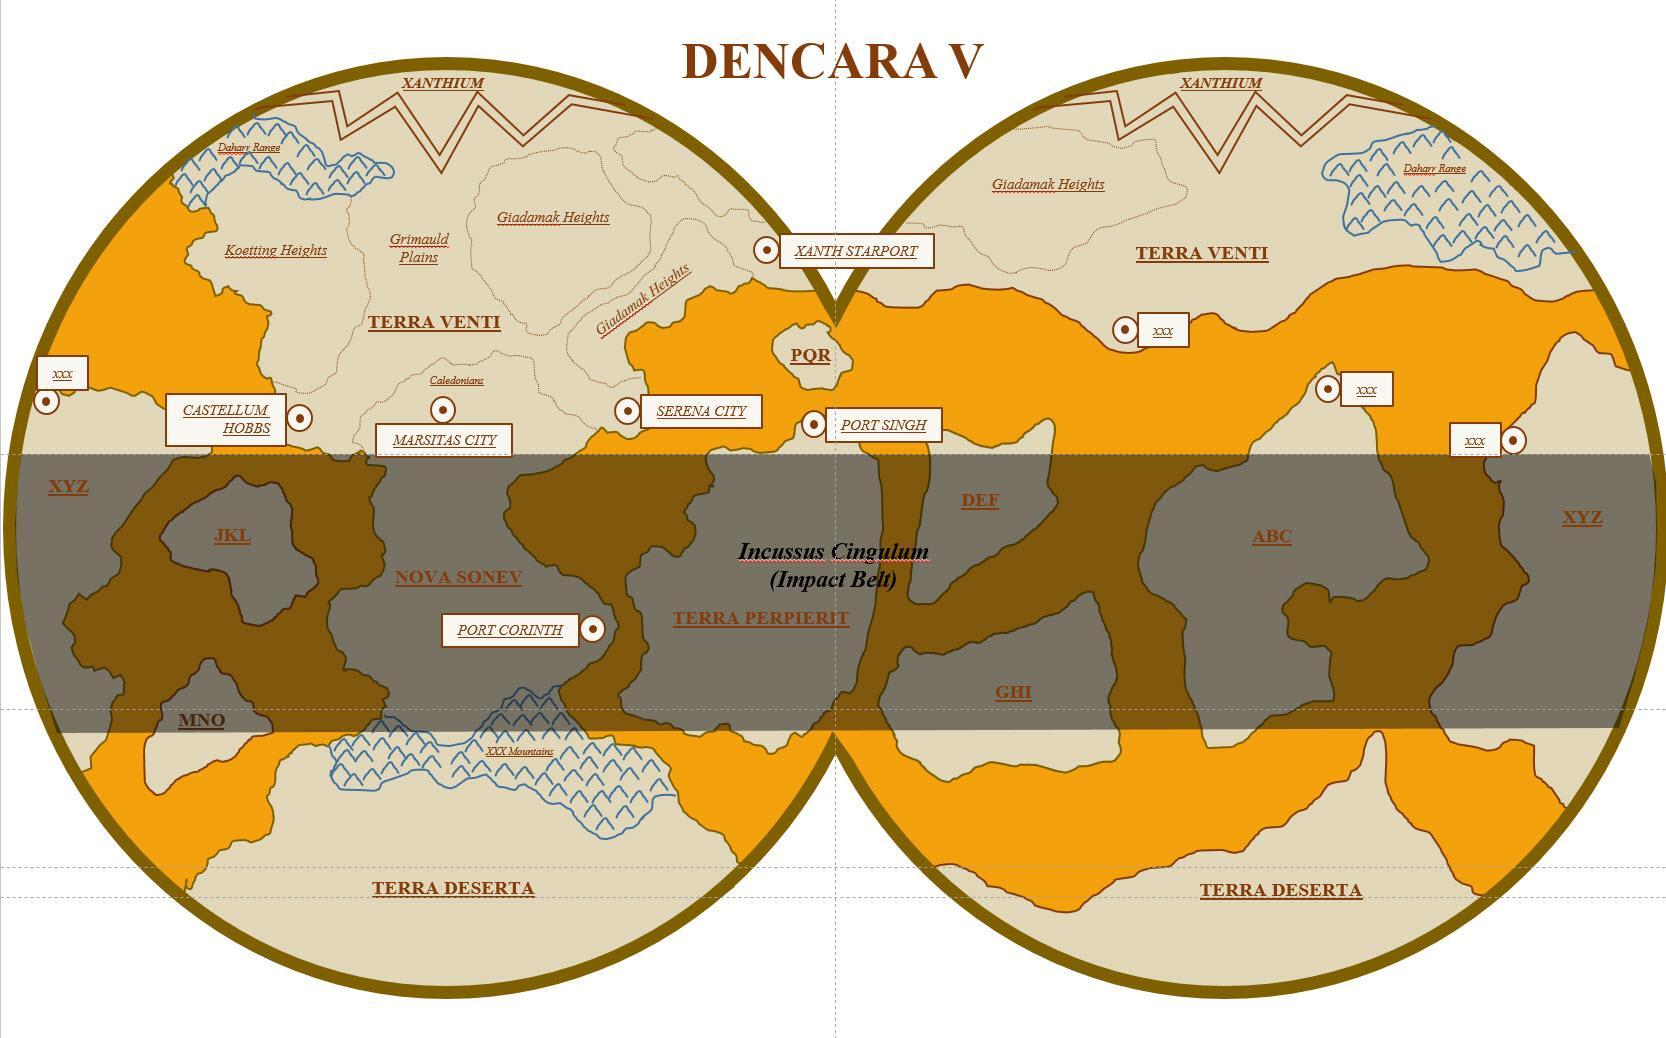 Map of Dencara V